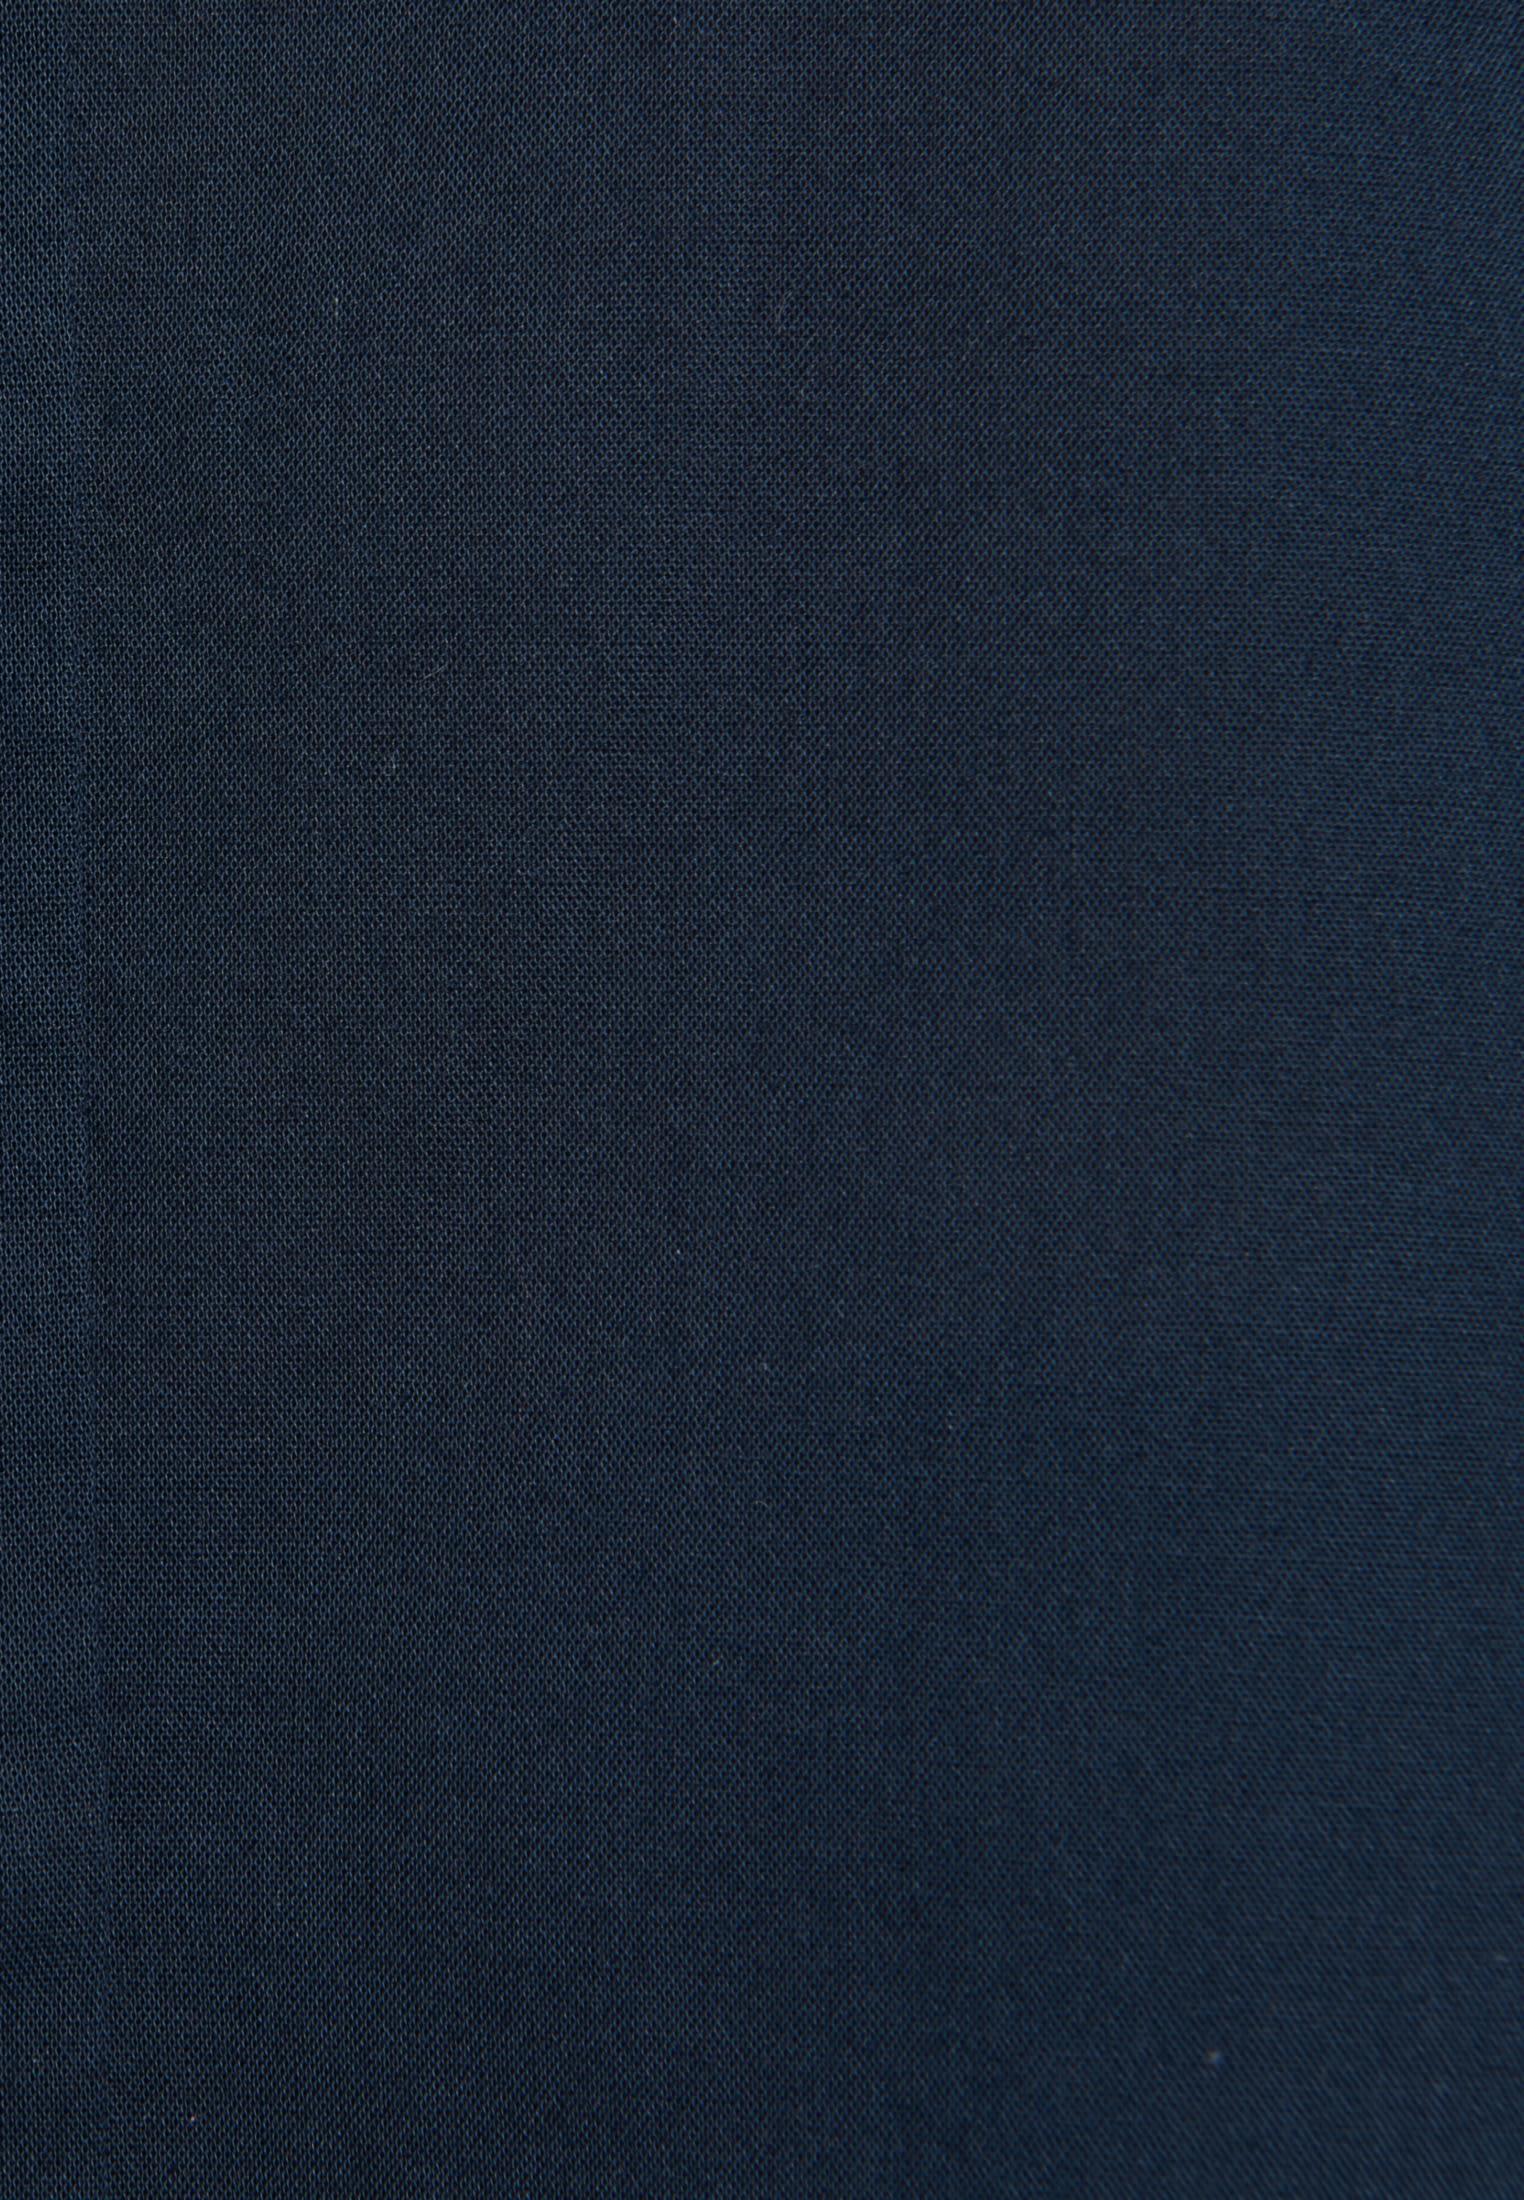 Voile Schluppenbluse aus 100% Baumwolle in Dunkelblau |  Seidensticker Onlineshop